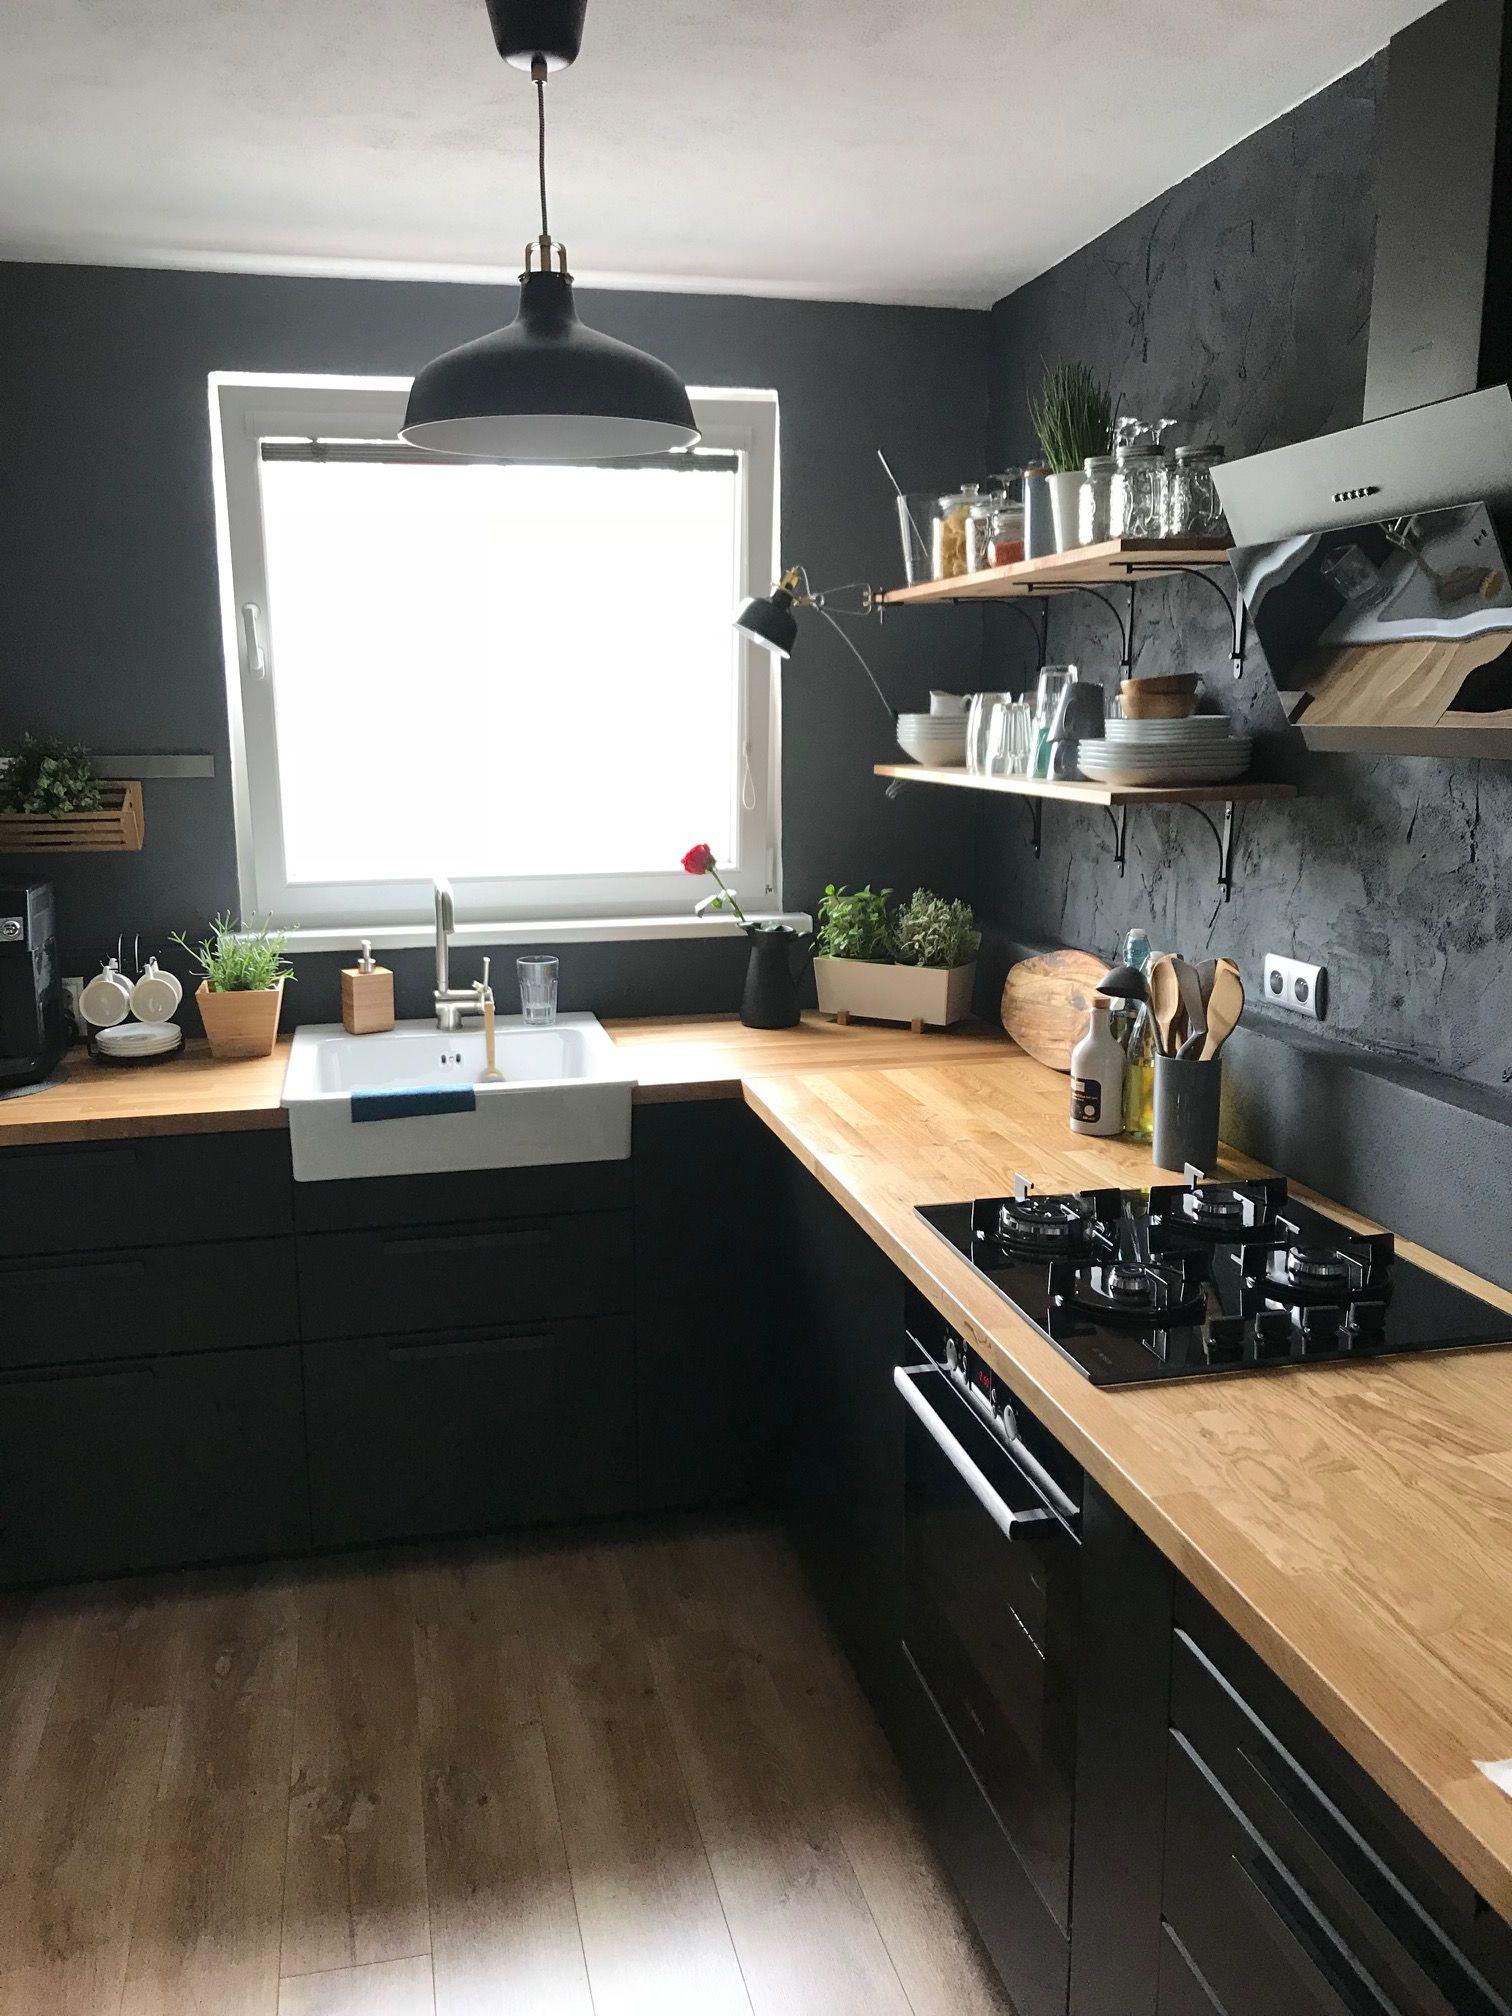 Kungsbacka Kitchen Alesovci Kitchen Design Small Kitchen Interior Kitchen Design